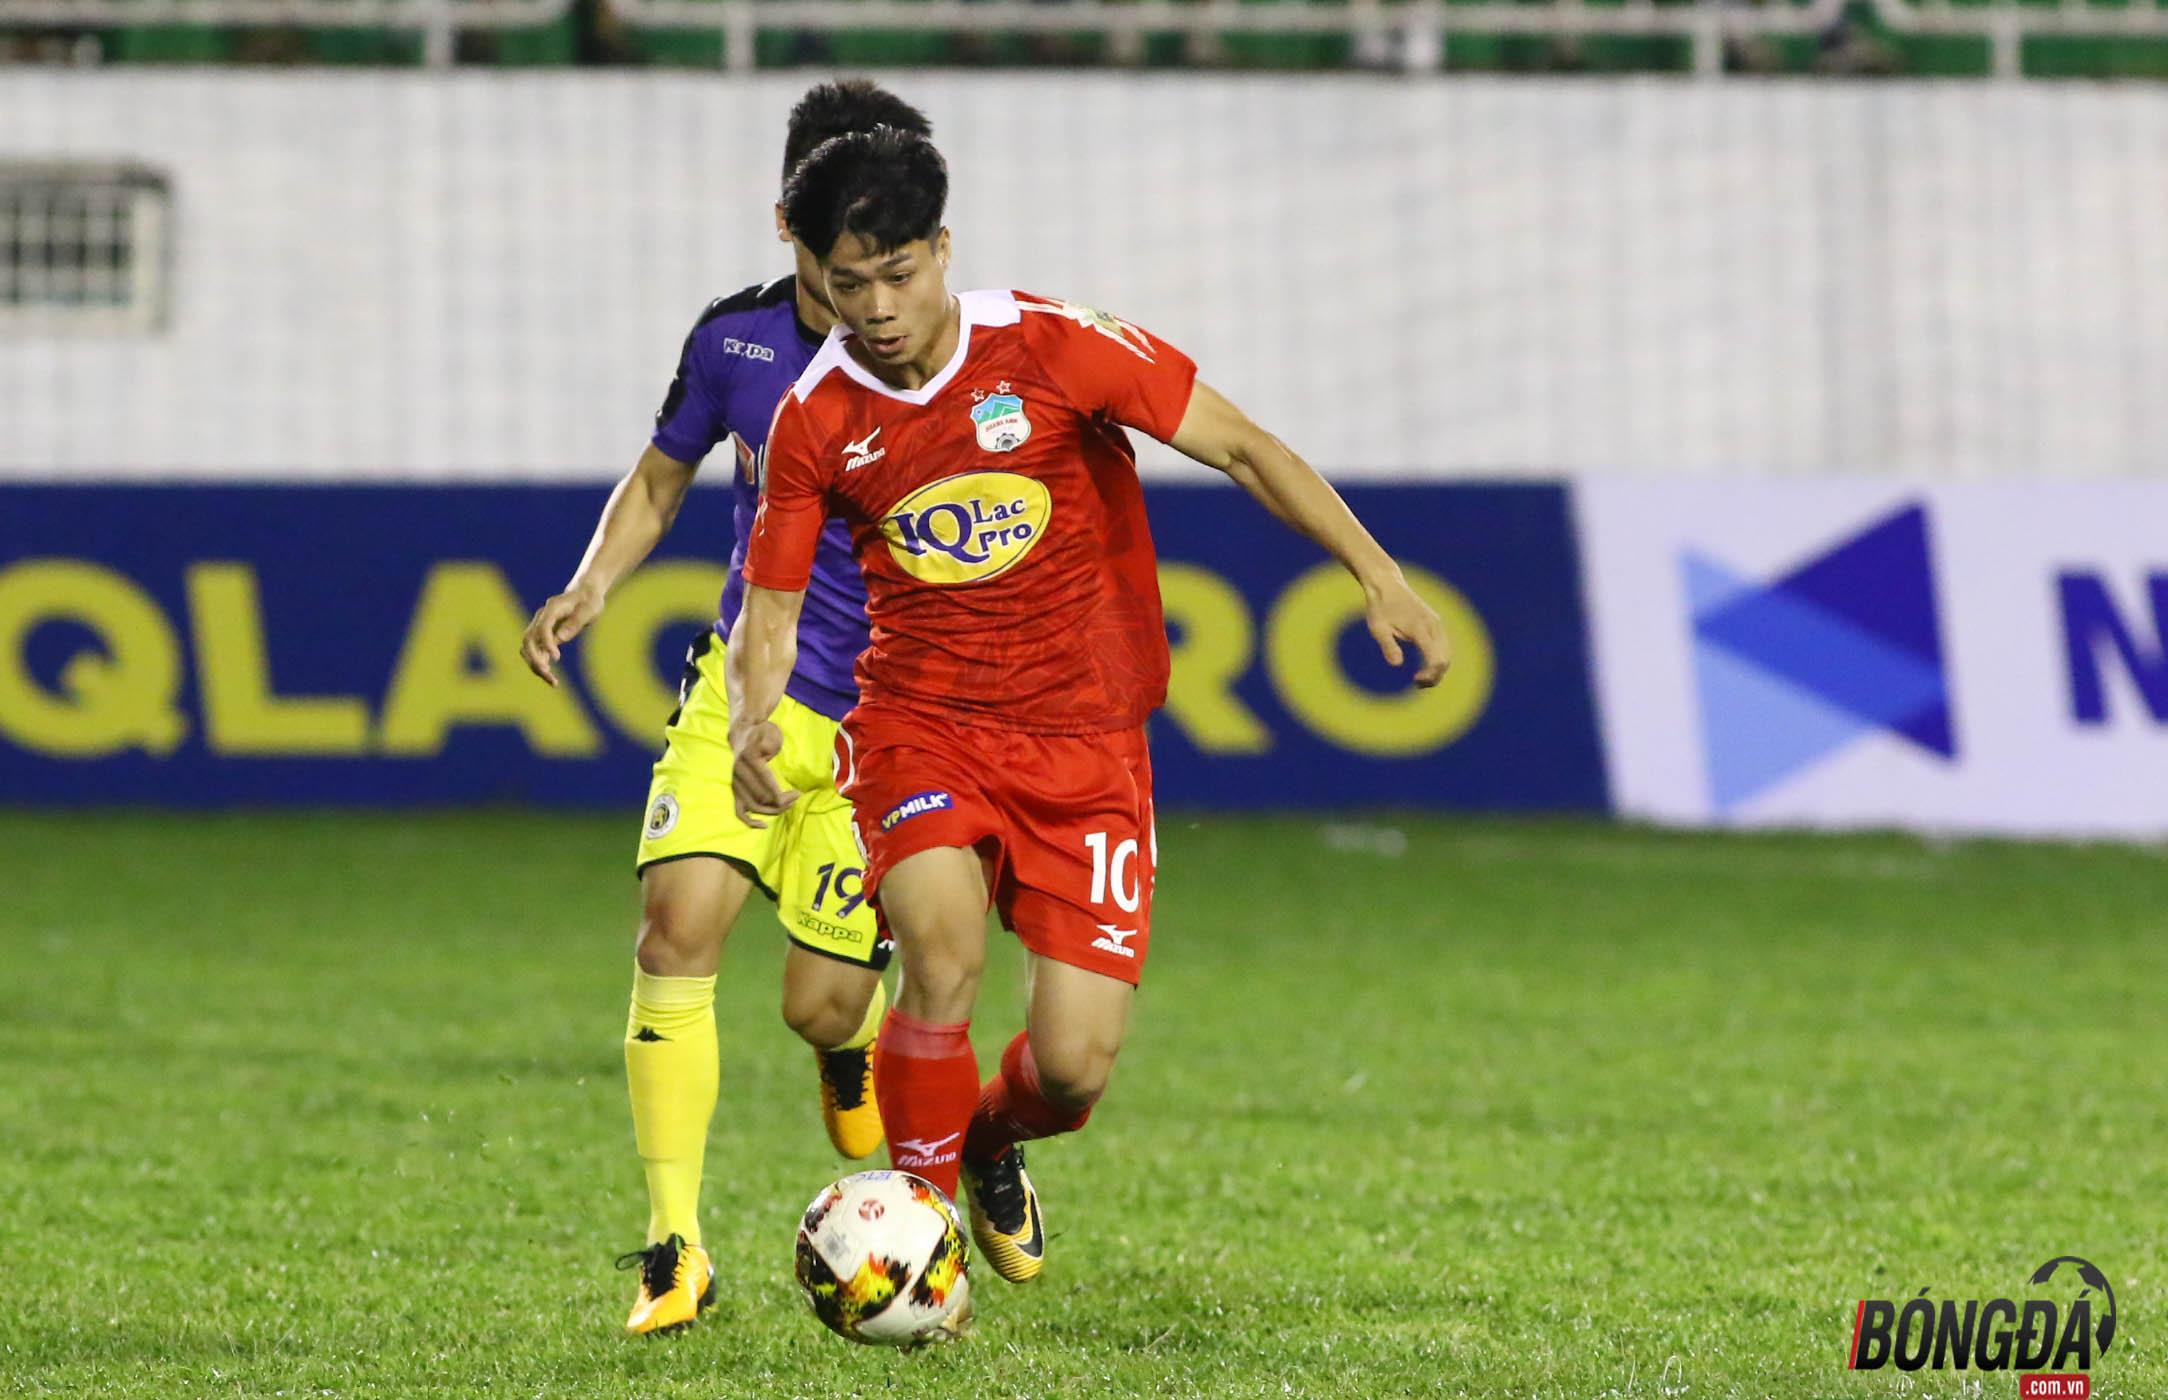 TRỰC TIẾP HAGL 0-1 Hà Nội FC (HIỆP 1): Ngoại binh Oseni lập công - Bóng Đá